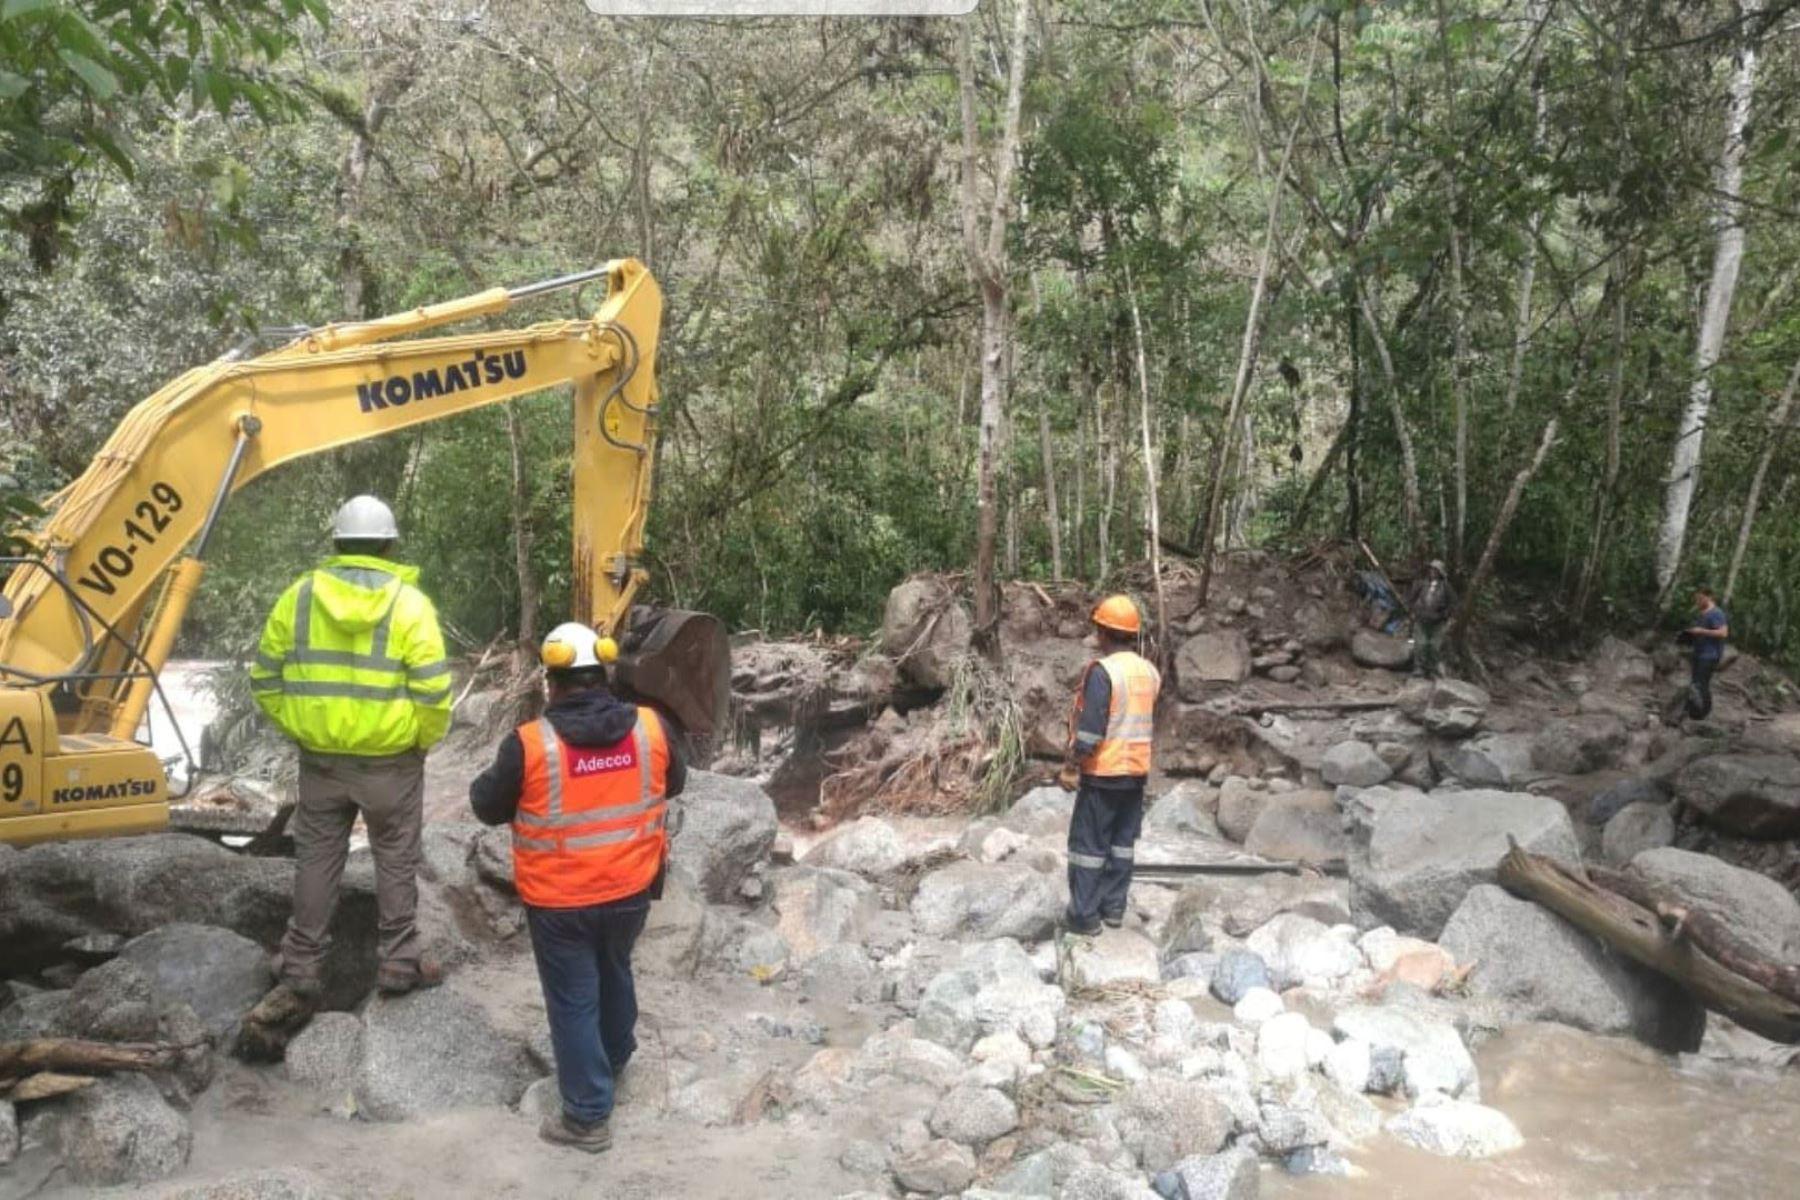 Debido a las condiciones climatológica, en tres días se restablecería el tramo de la vía férrea Machu Picchu Pueblo-Hidroeléctrica, kilómetro 115, alterna de ingreso al parque arqueológico de Machu Picchu, en la región Cusco, que colapsó por la crecida del riachuelo Mandor a causa de las intensas lluvias. ANDINA/Difusión